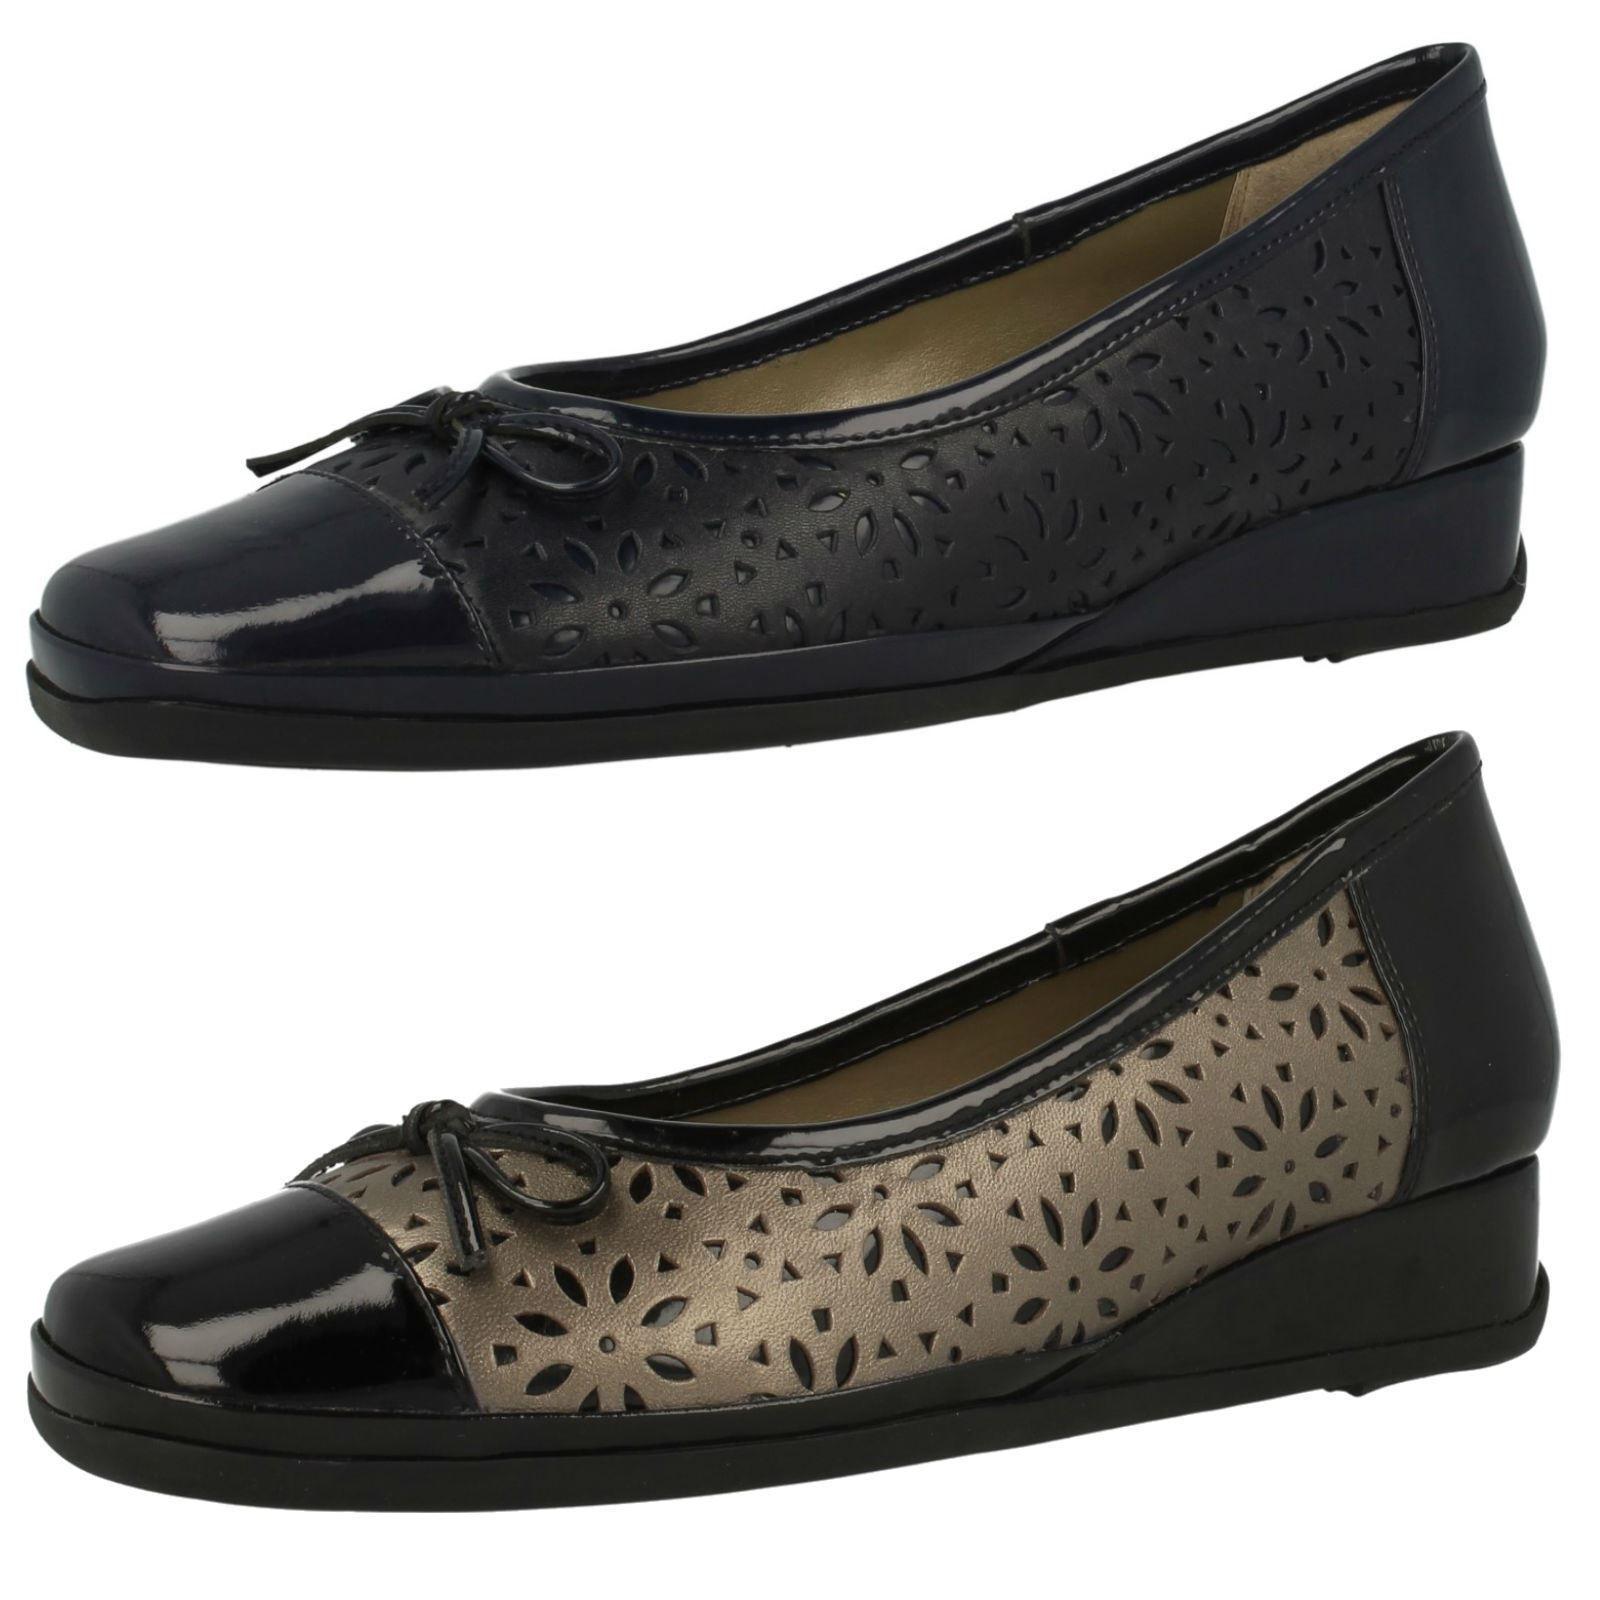 Los zapatos más populares para hombres y mujeres Descuento por tiempo limitado Mujer Van Dal Bajo Zapatos De Cuña - Monteray